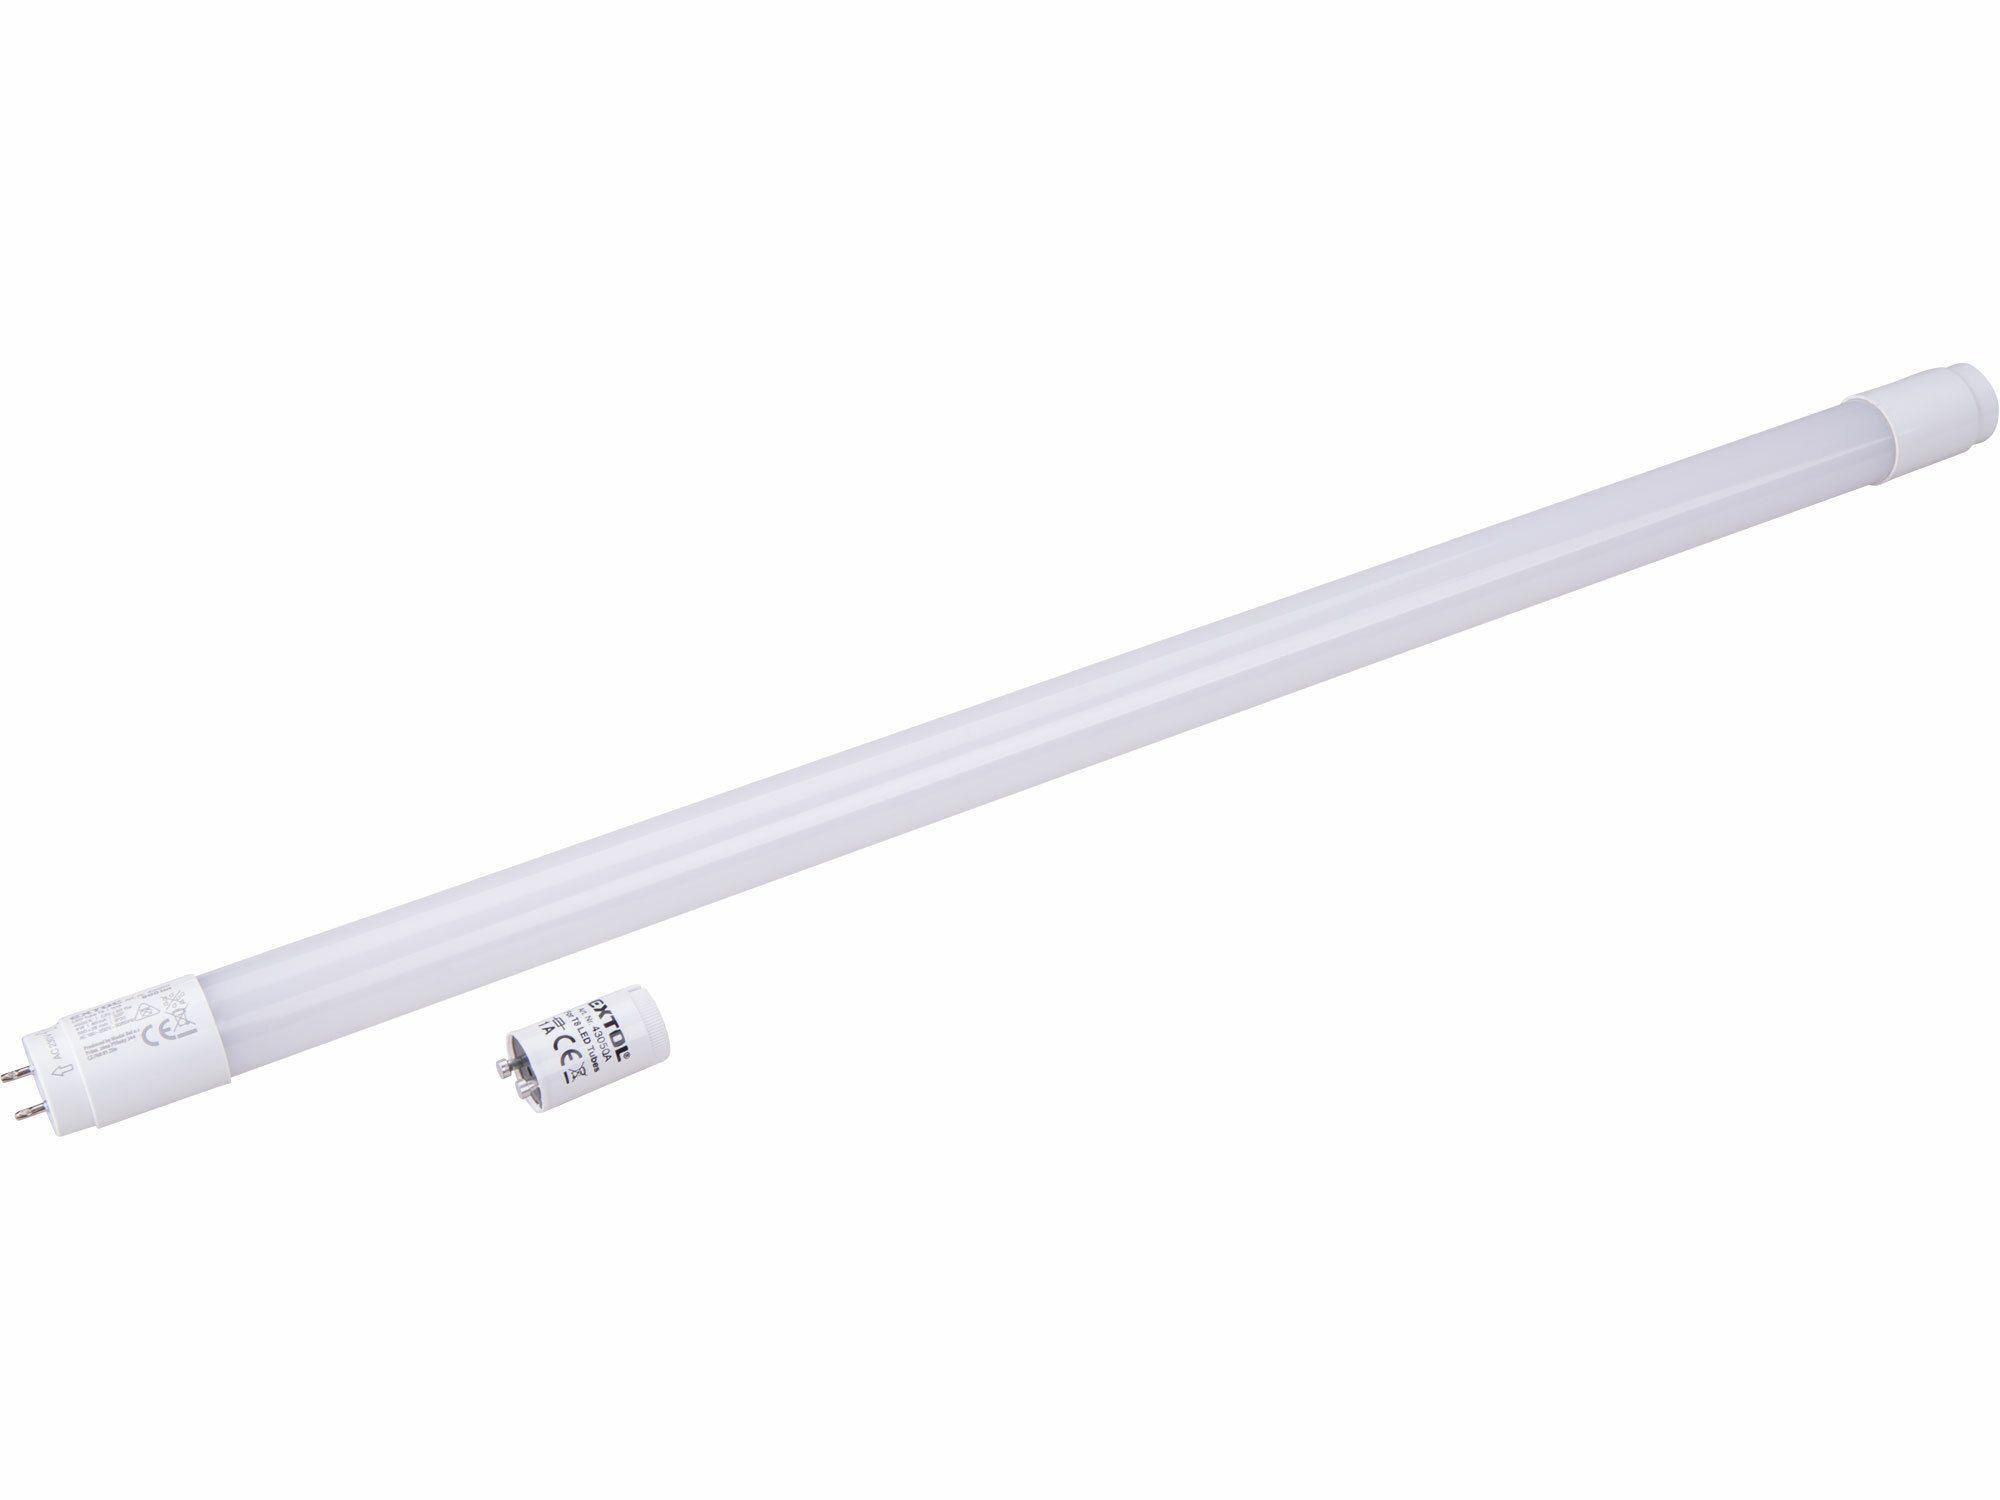 Zářivka LED, 60cm, 900lm, T8, neutrální bílá, PC + ALU EXTOL-LIGHT